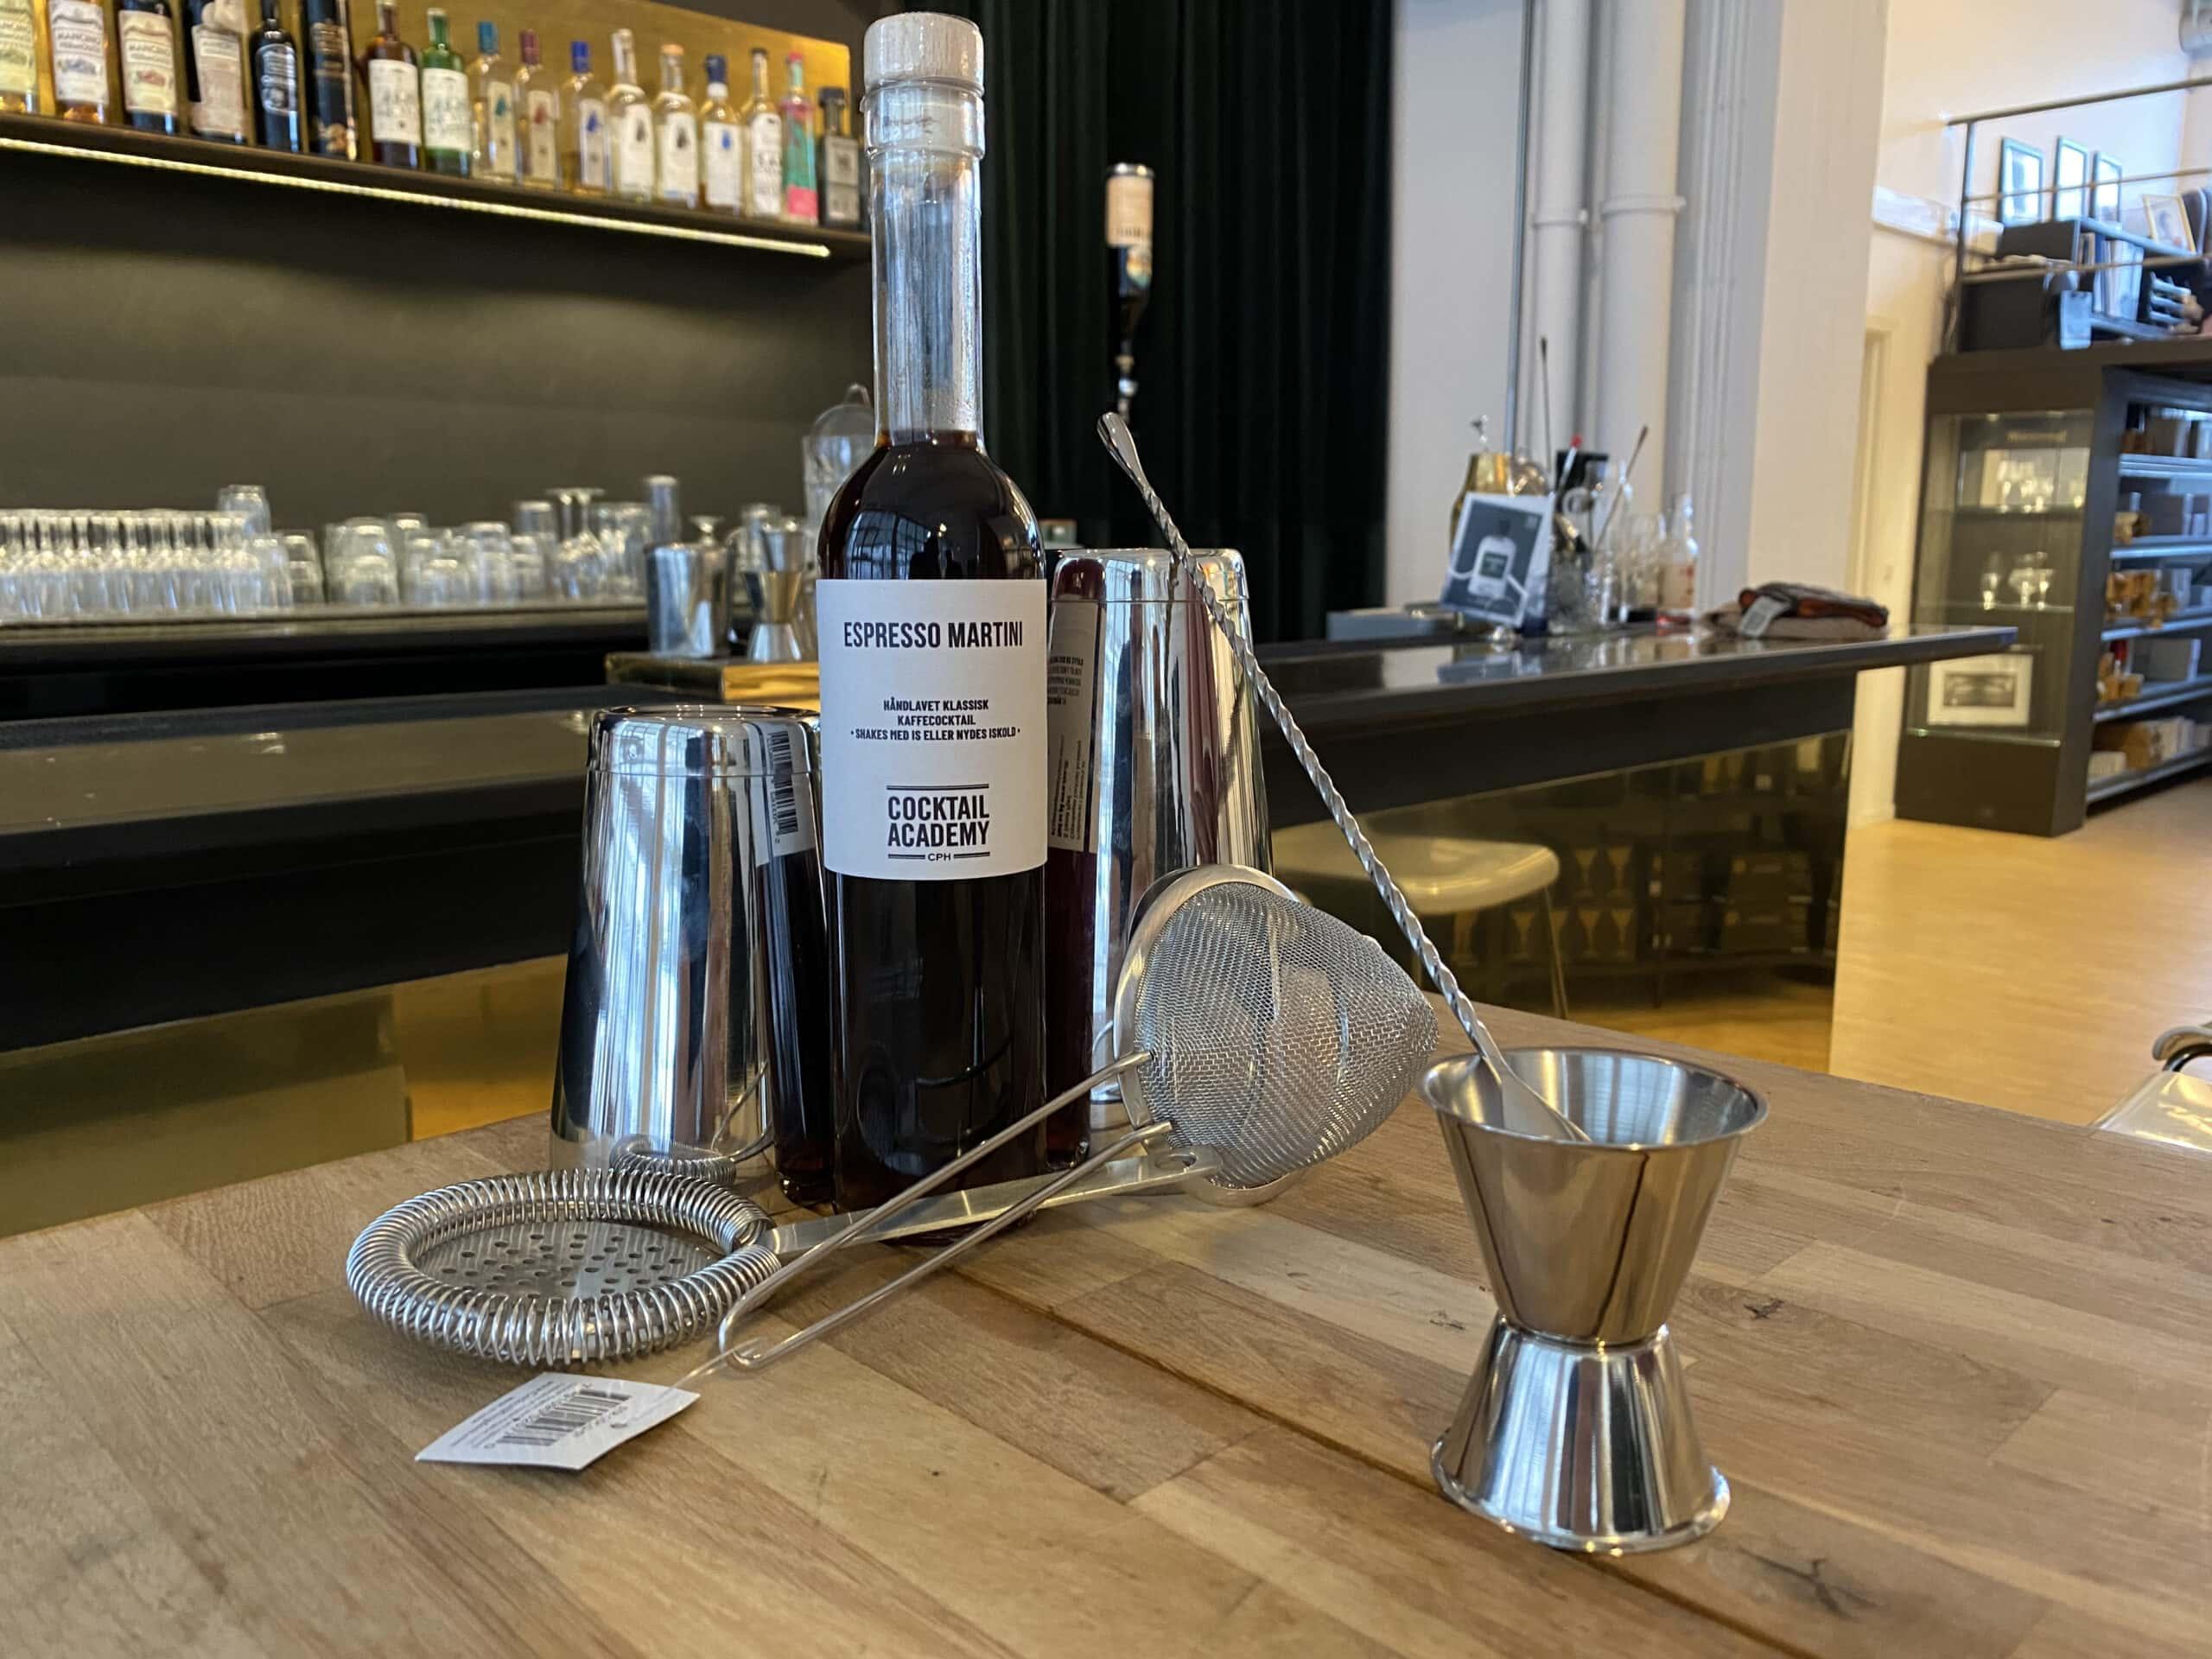 Professionelt cocktailsæt, som Copenhagen Cocktail Academy udlodder i sin cocktailkonkurrence